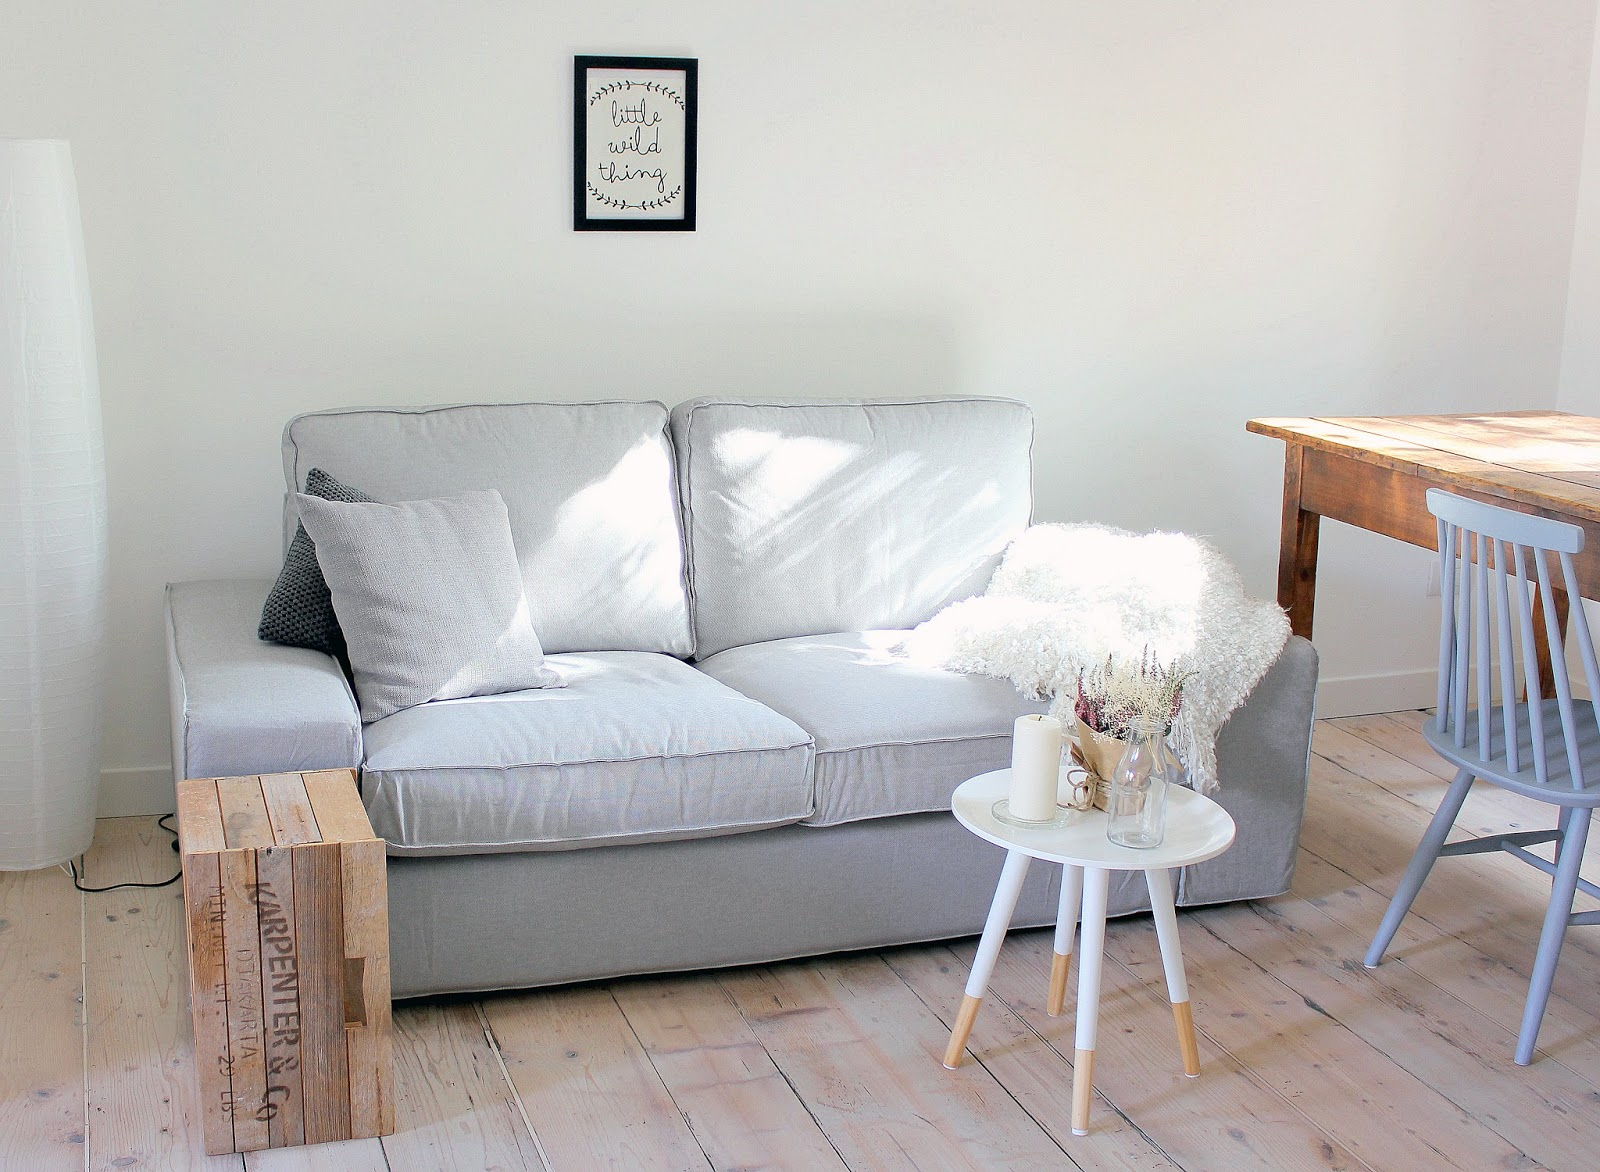 Divano comodo ikea idee per il design della casa - Divano kivik ikea opinioni ...